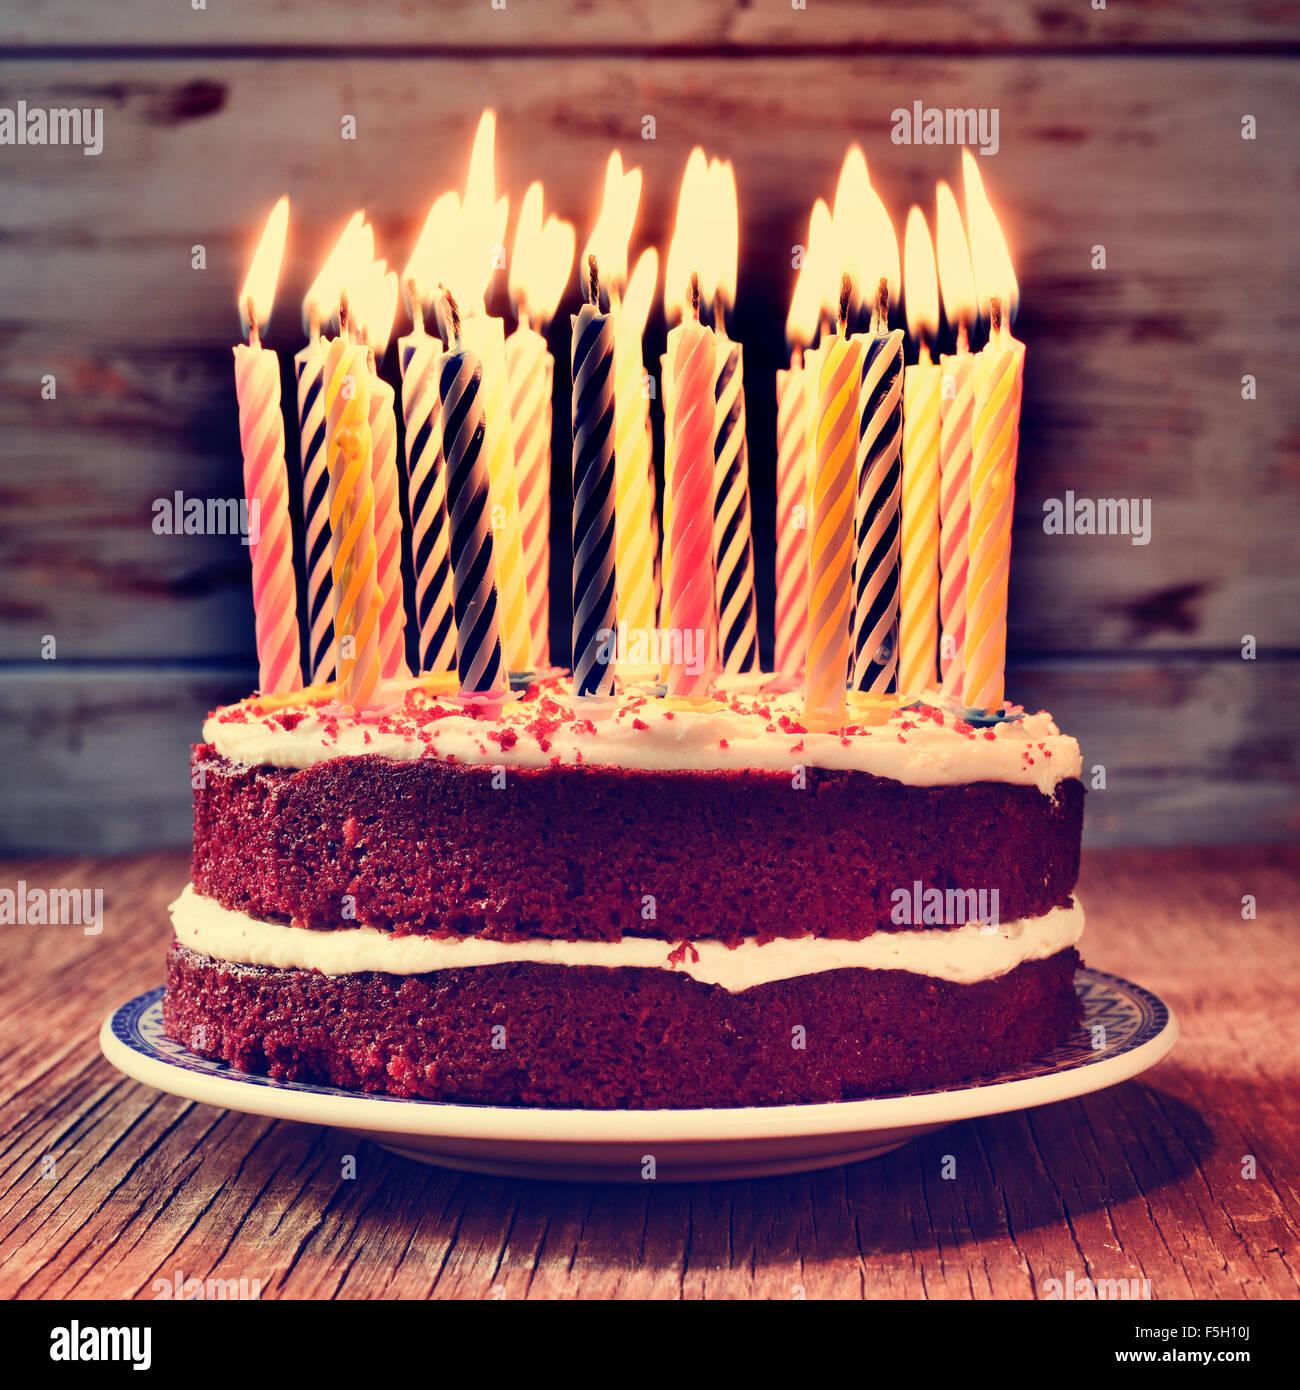 ein Kuchen, garniert mit einigen brennenden Kerzen vor den Kuchen auf einem rustikalen Holztisch mit einem gefilterten Stockbild